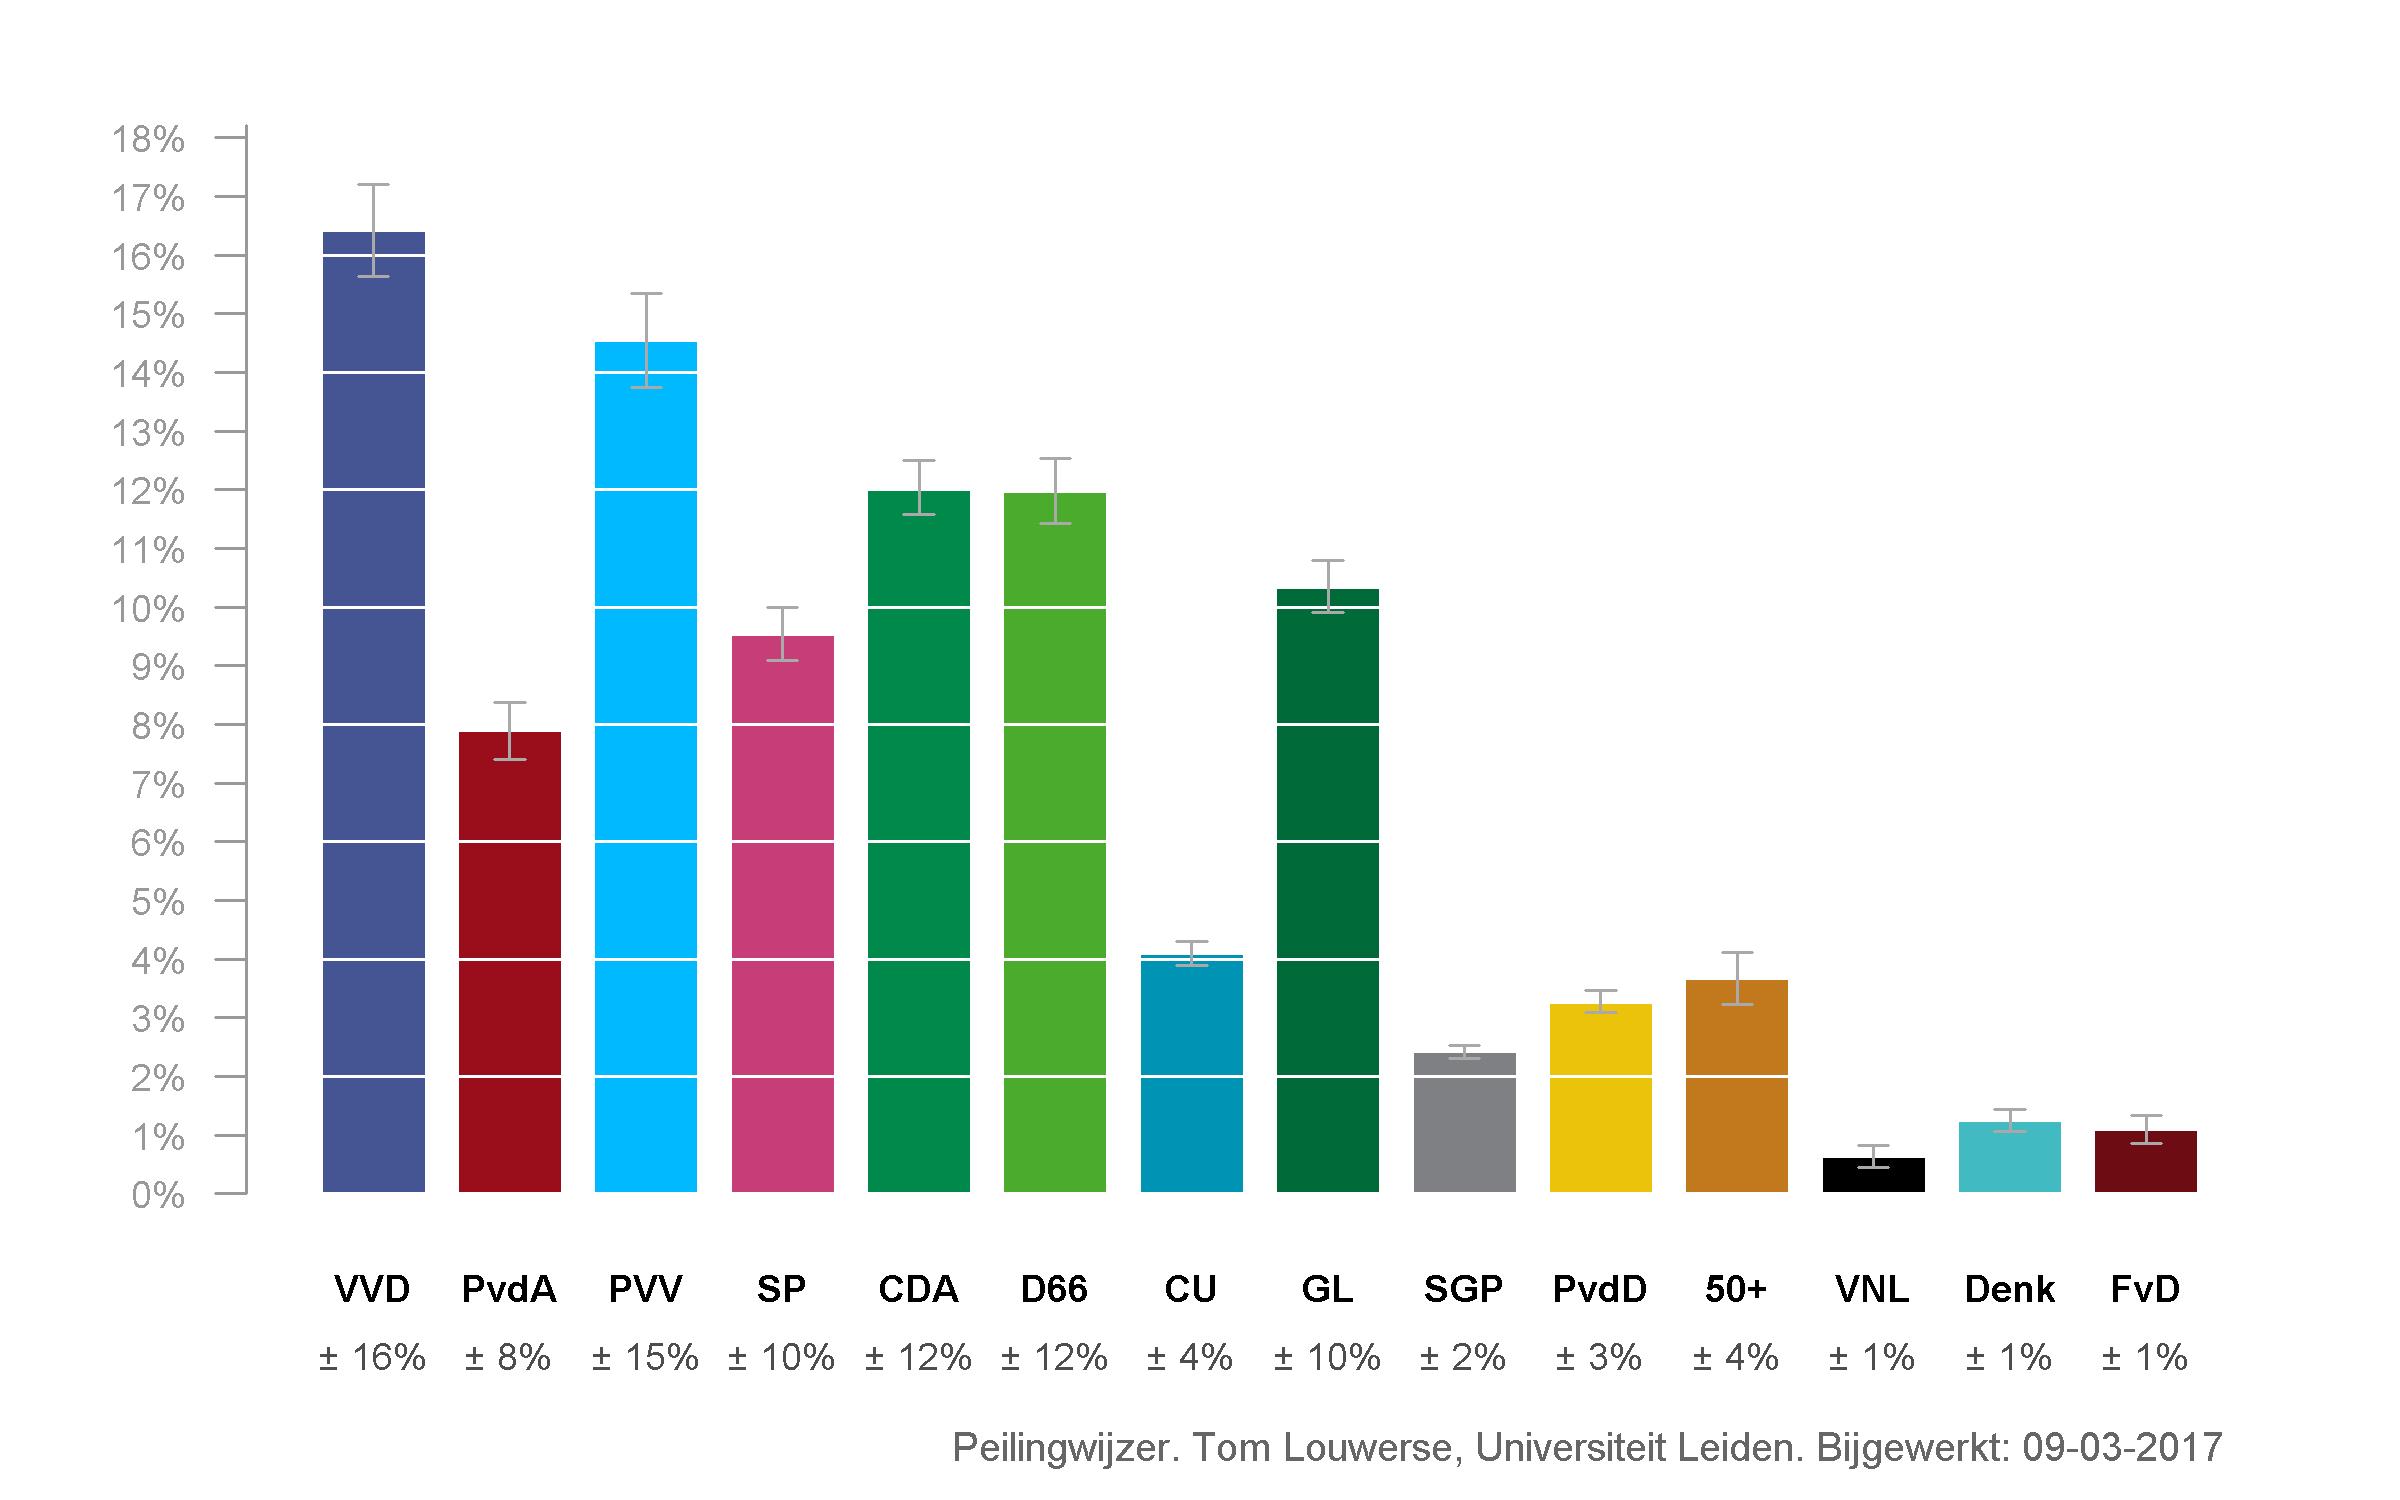 أحدث استطلاعات للرأي العام الهولندي حول قائمة الأحزاب المرشحة لانتخابات منتصف آذار